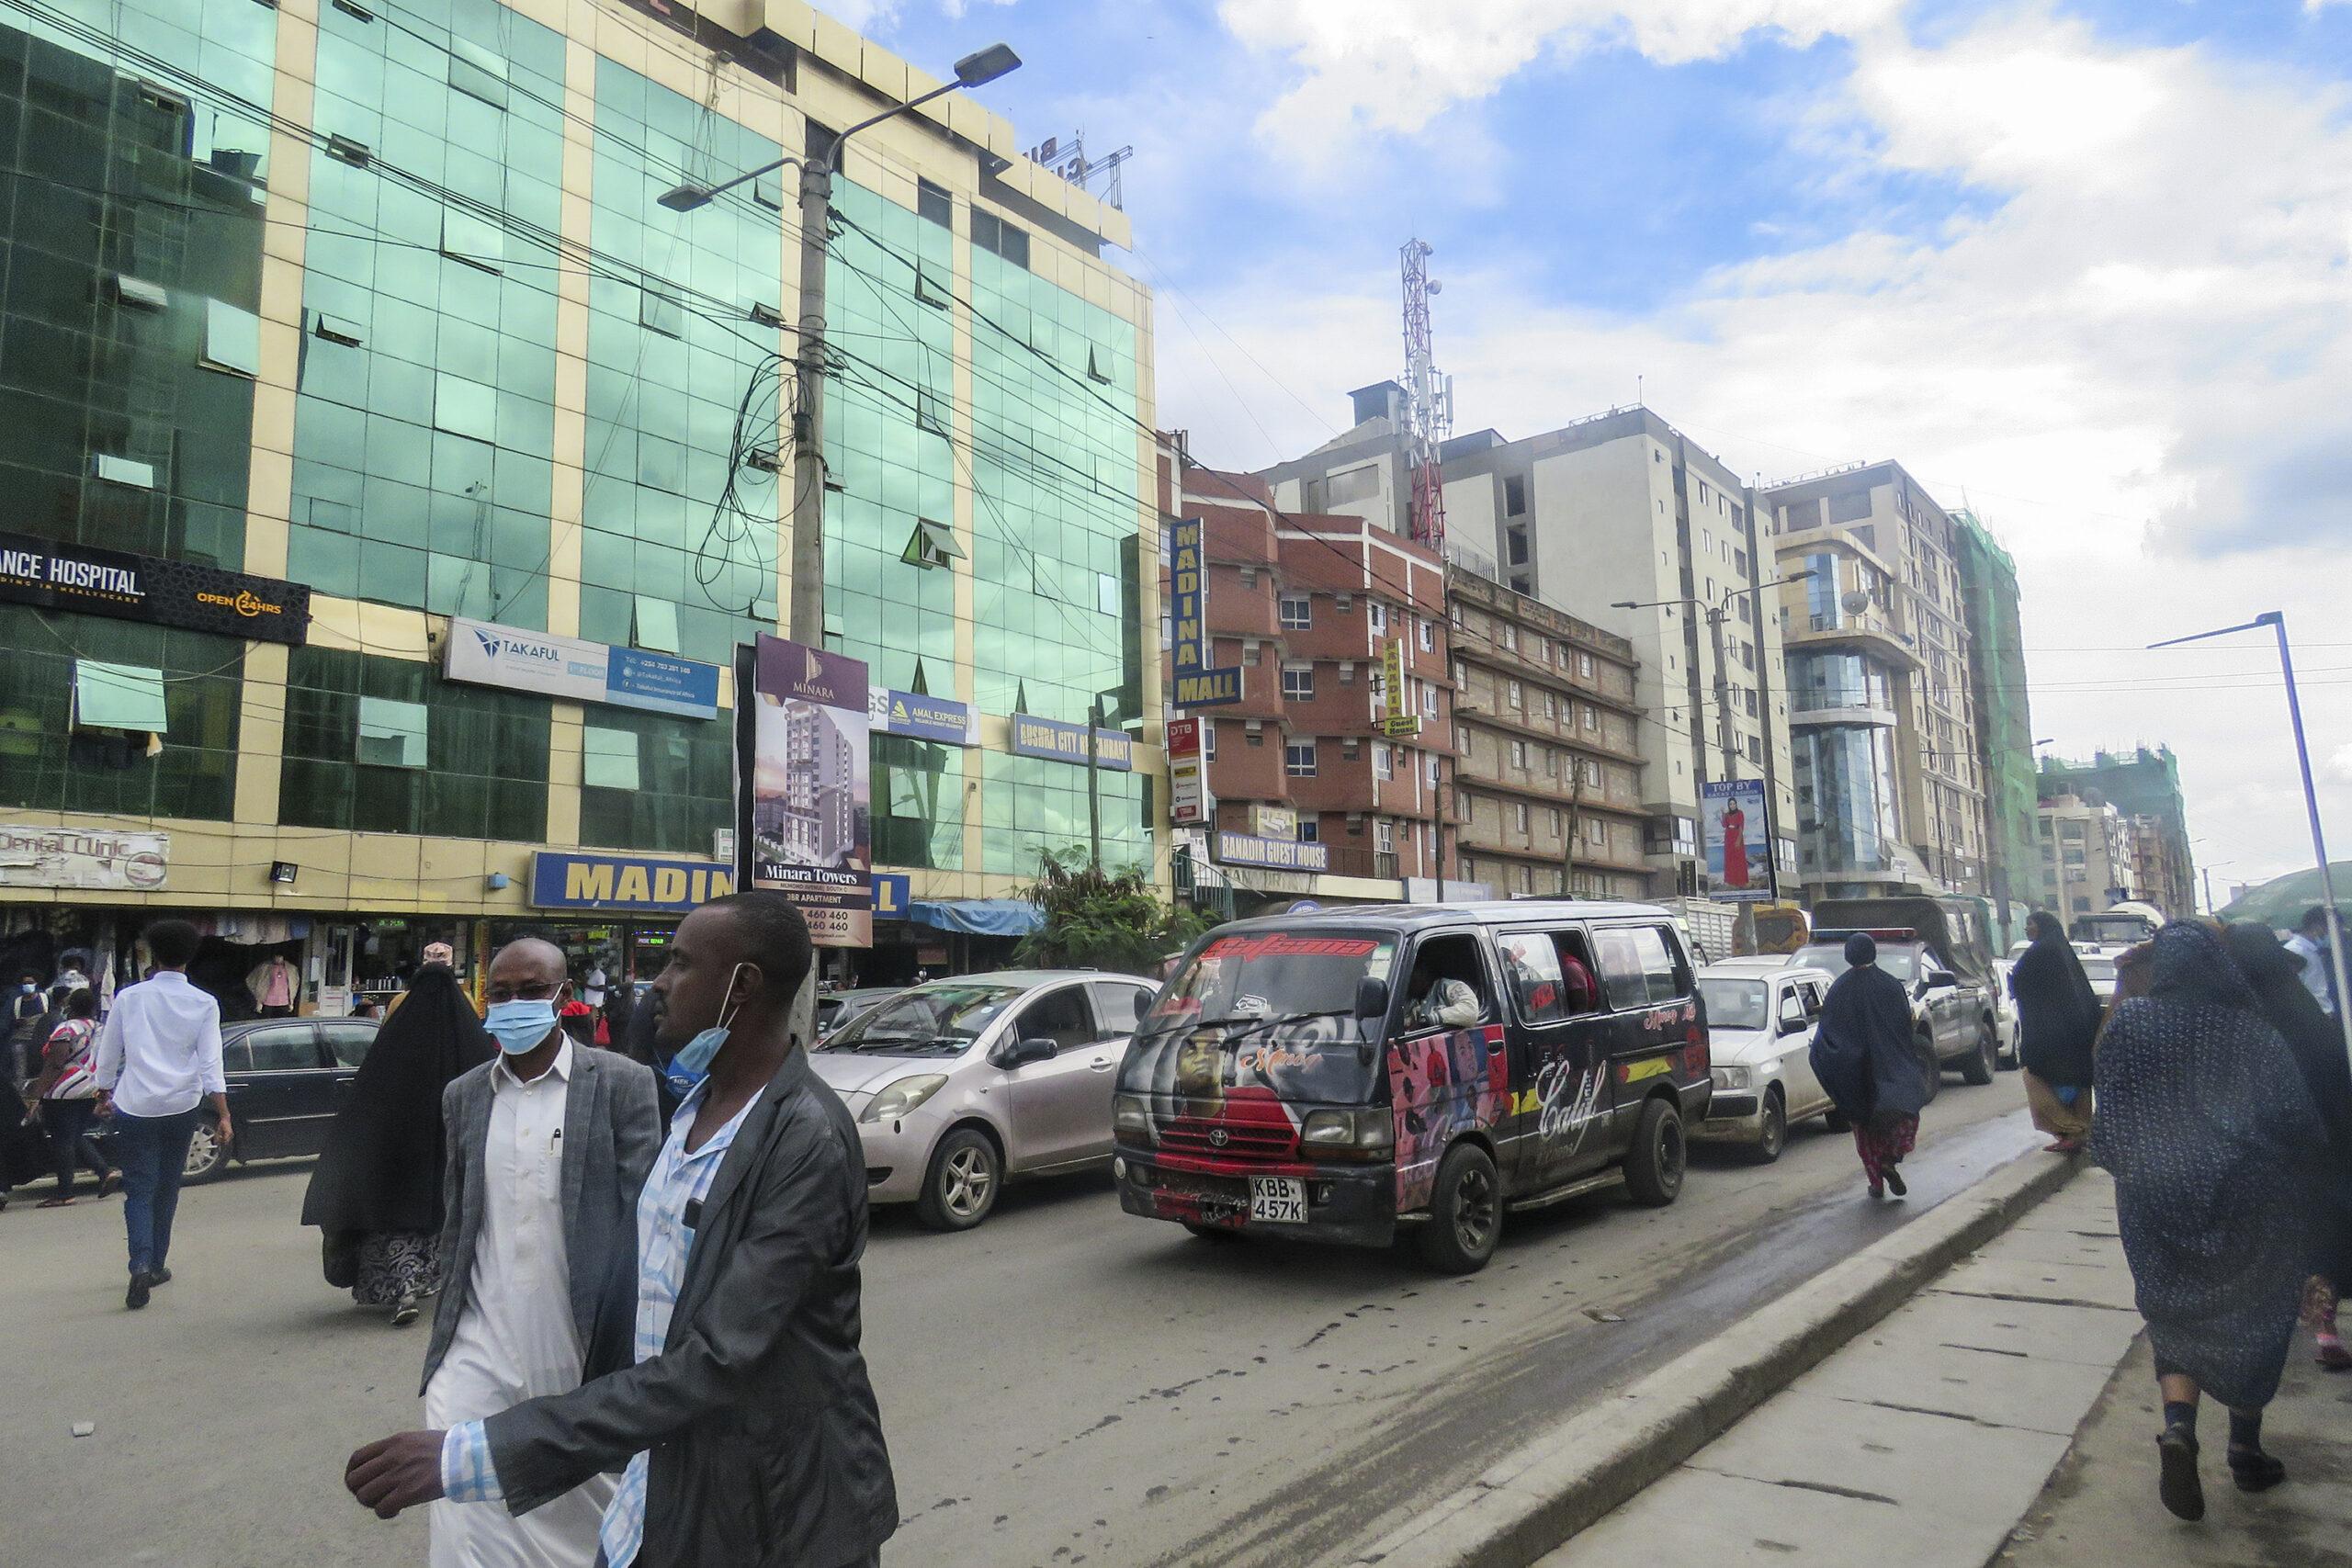 Khat Businessmen Suffer Losses As The Kenya-Somalia Diplomatic Row Rages